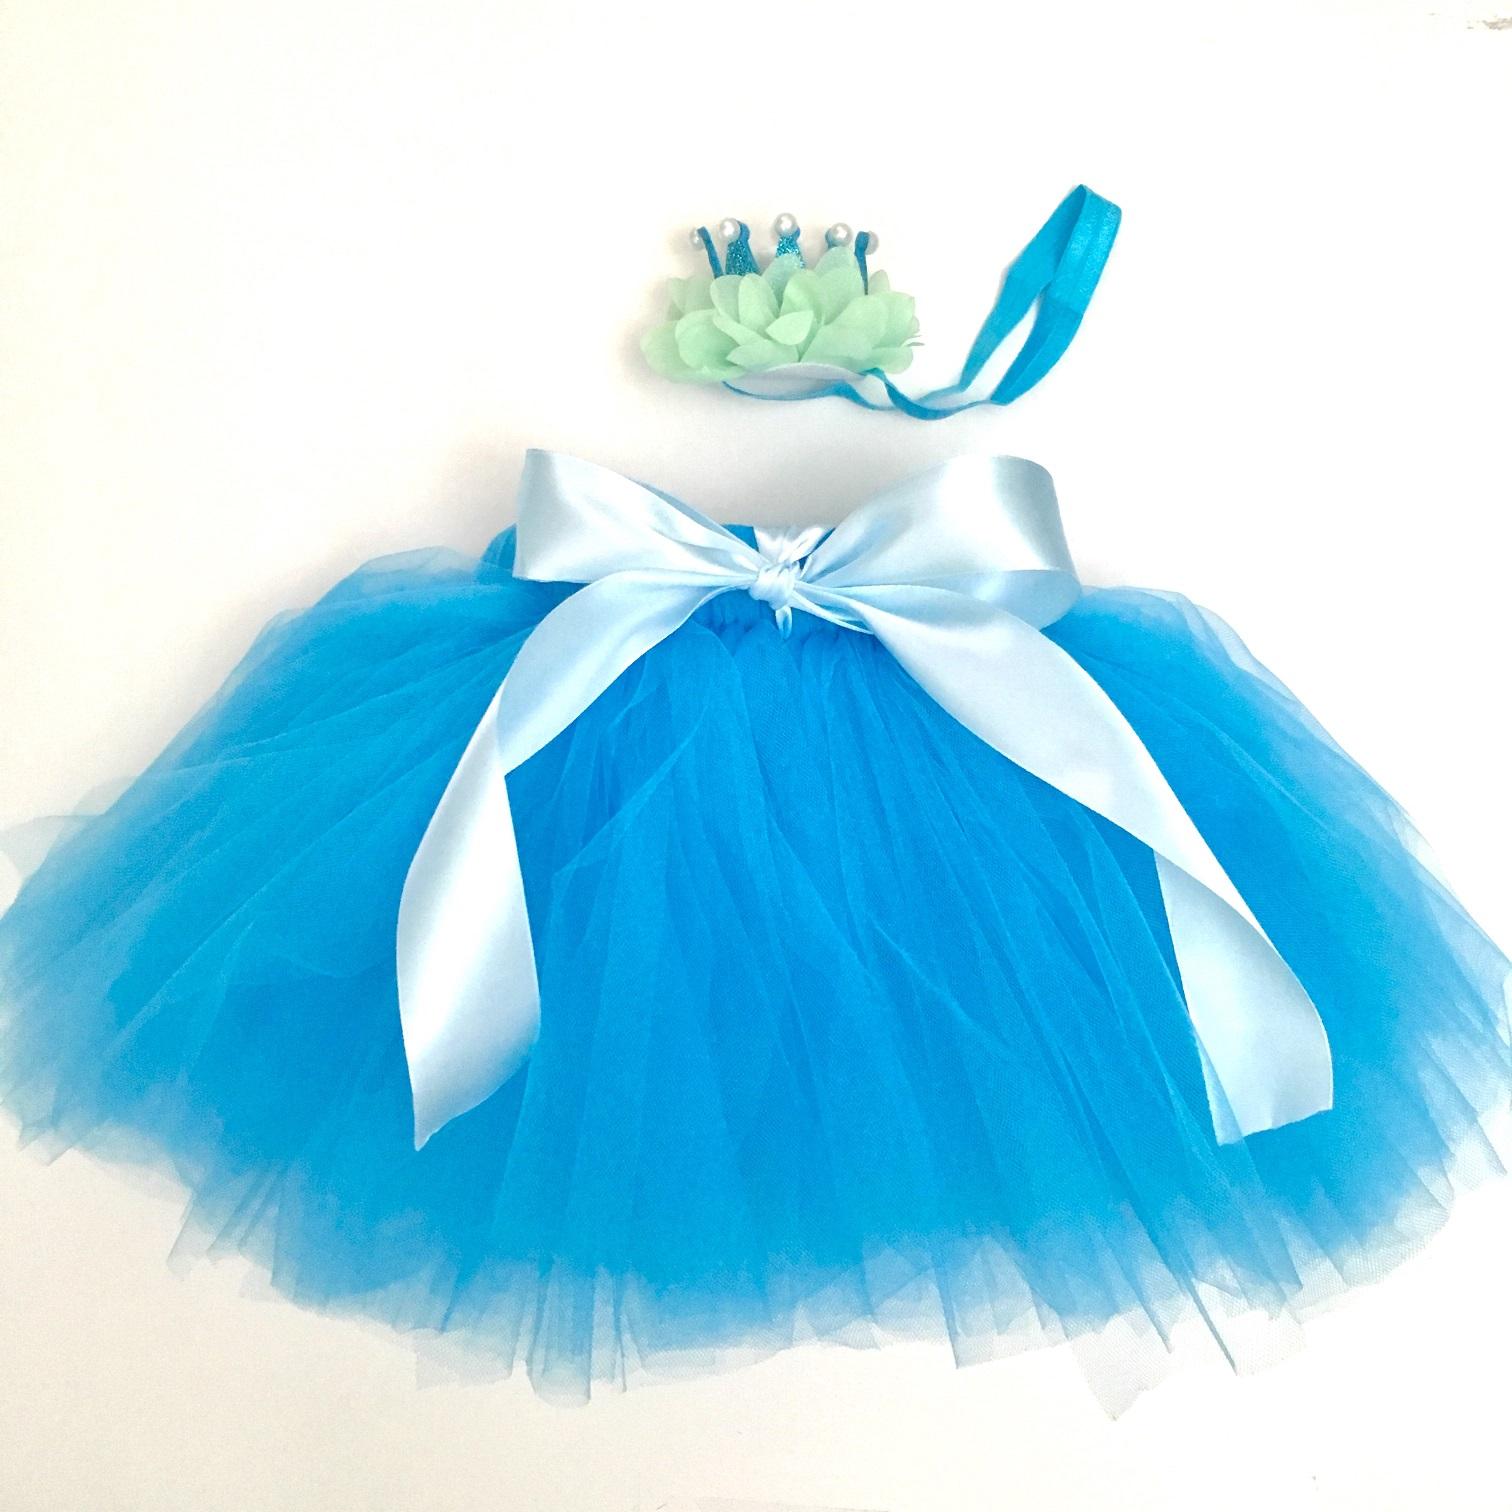 3c84f33fae13 Tutu suknička pre bábätko modrá (2-12 mesiacov) - jupitershop.sk